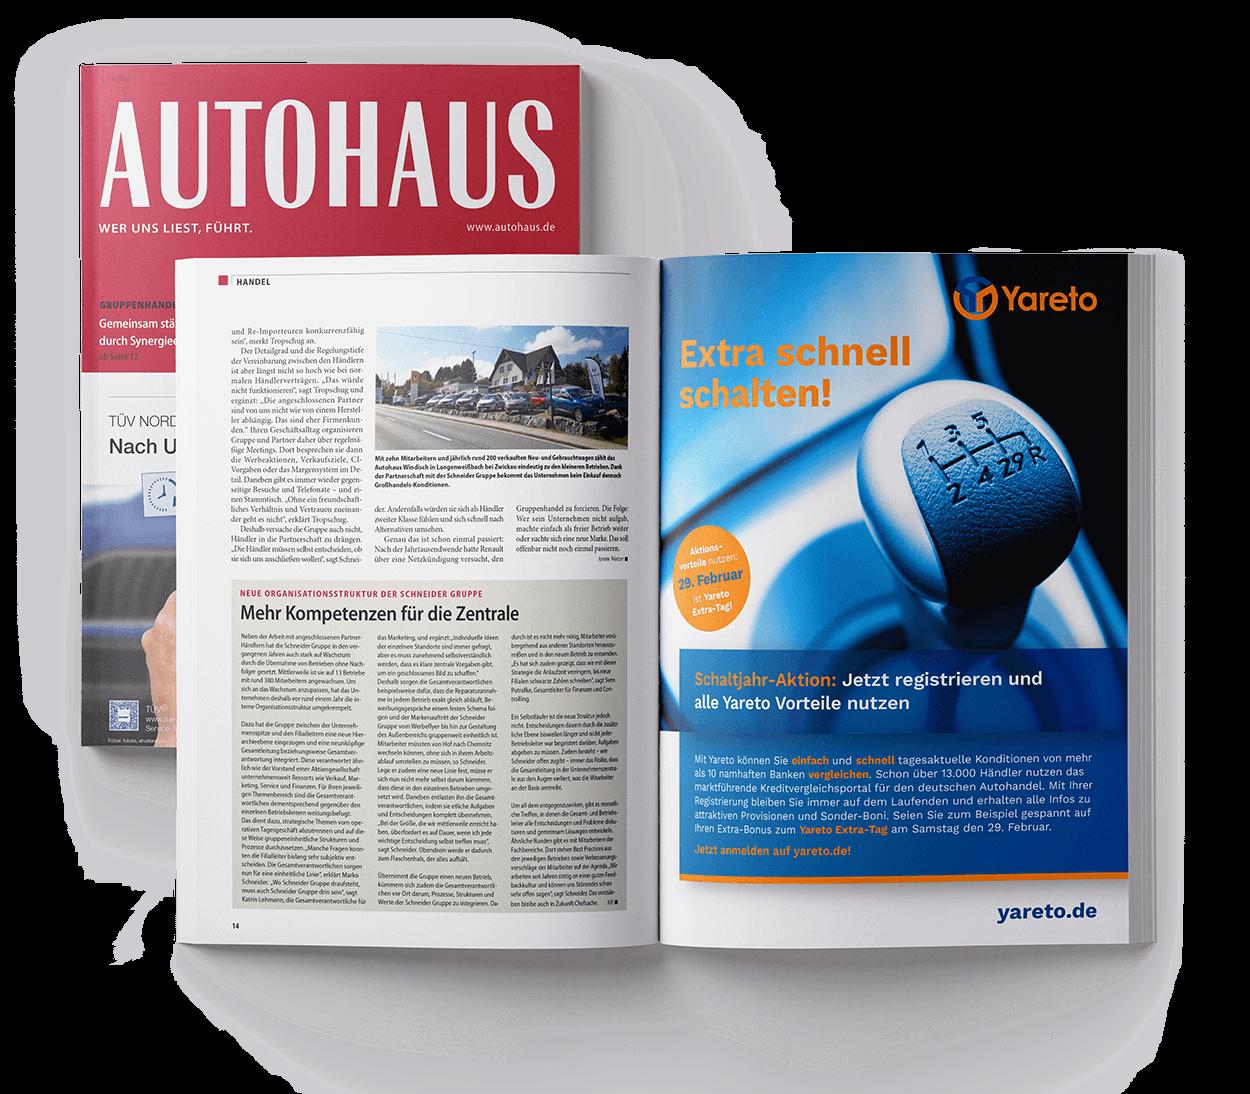 Ganzseitige Anzeige im Fachmagazin für Yareto entwickelt von der 31M Design- und Werbeagentur in Essen, Ruhrgebiet